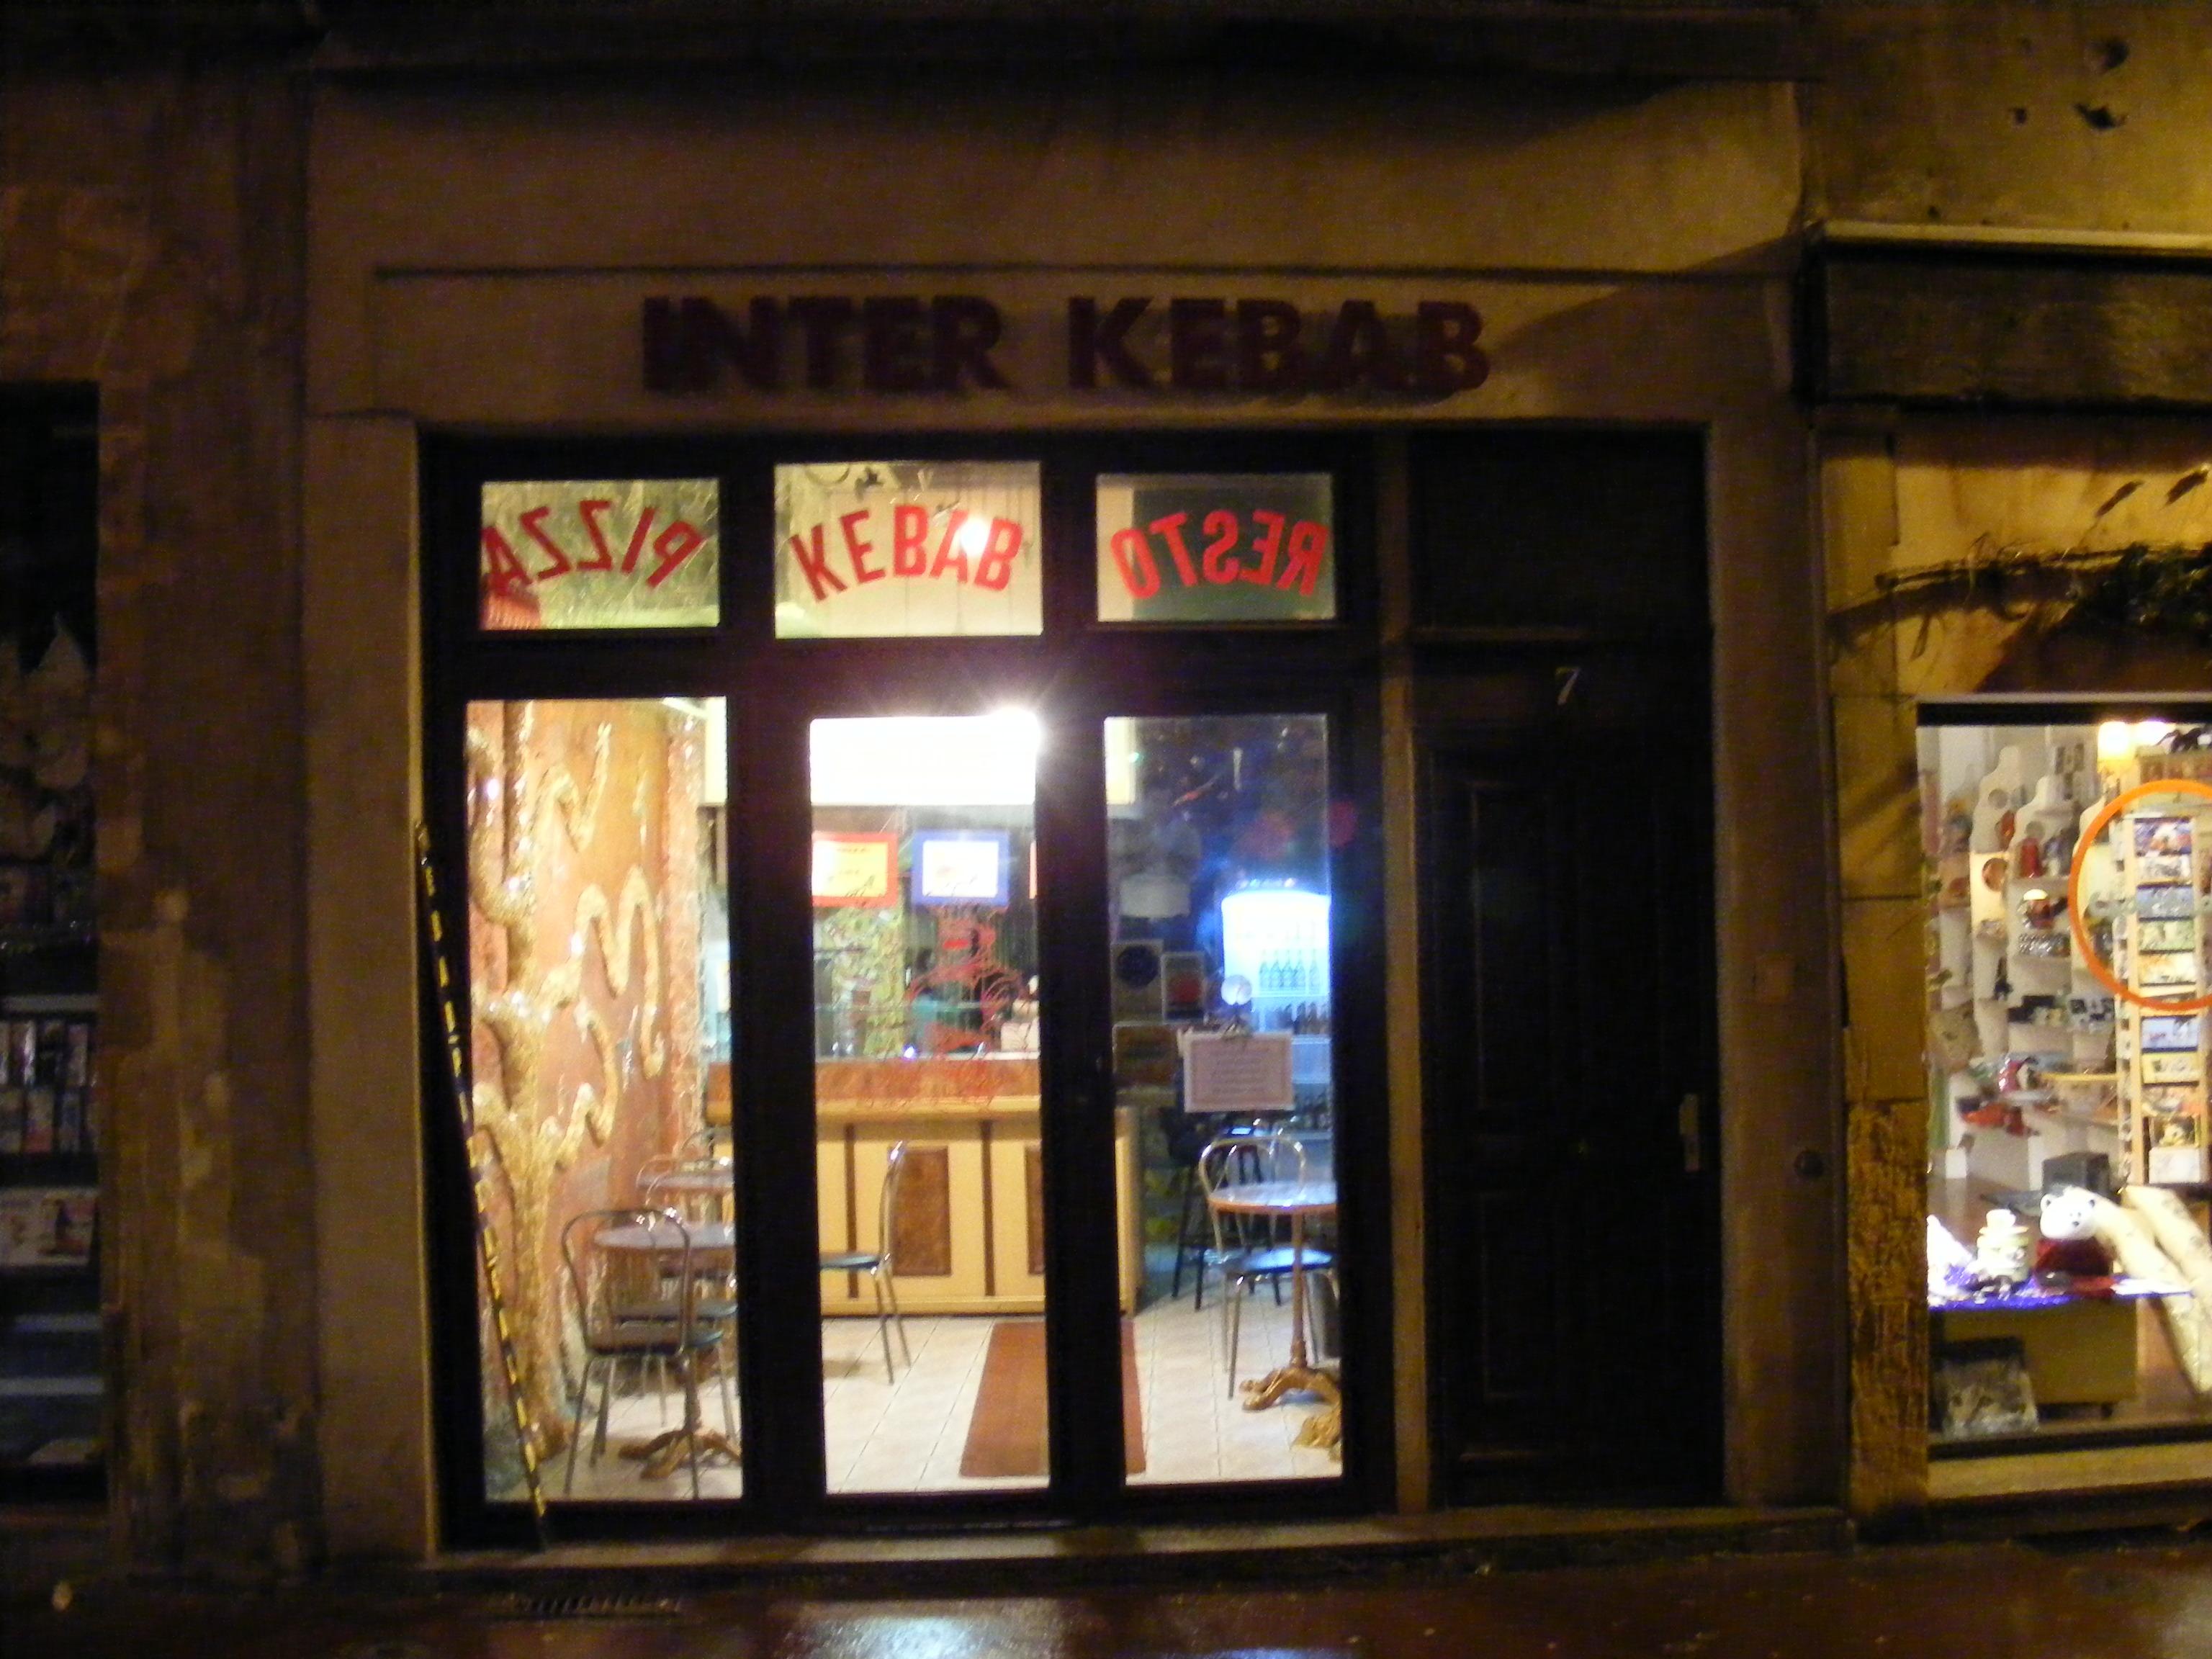 Inter Kebab